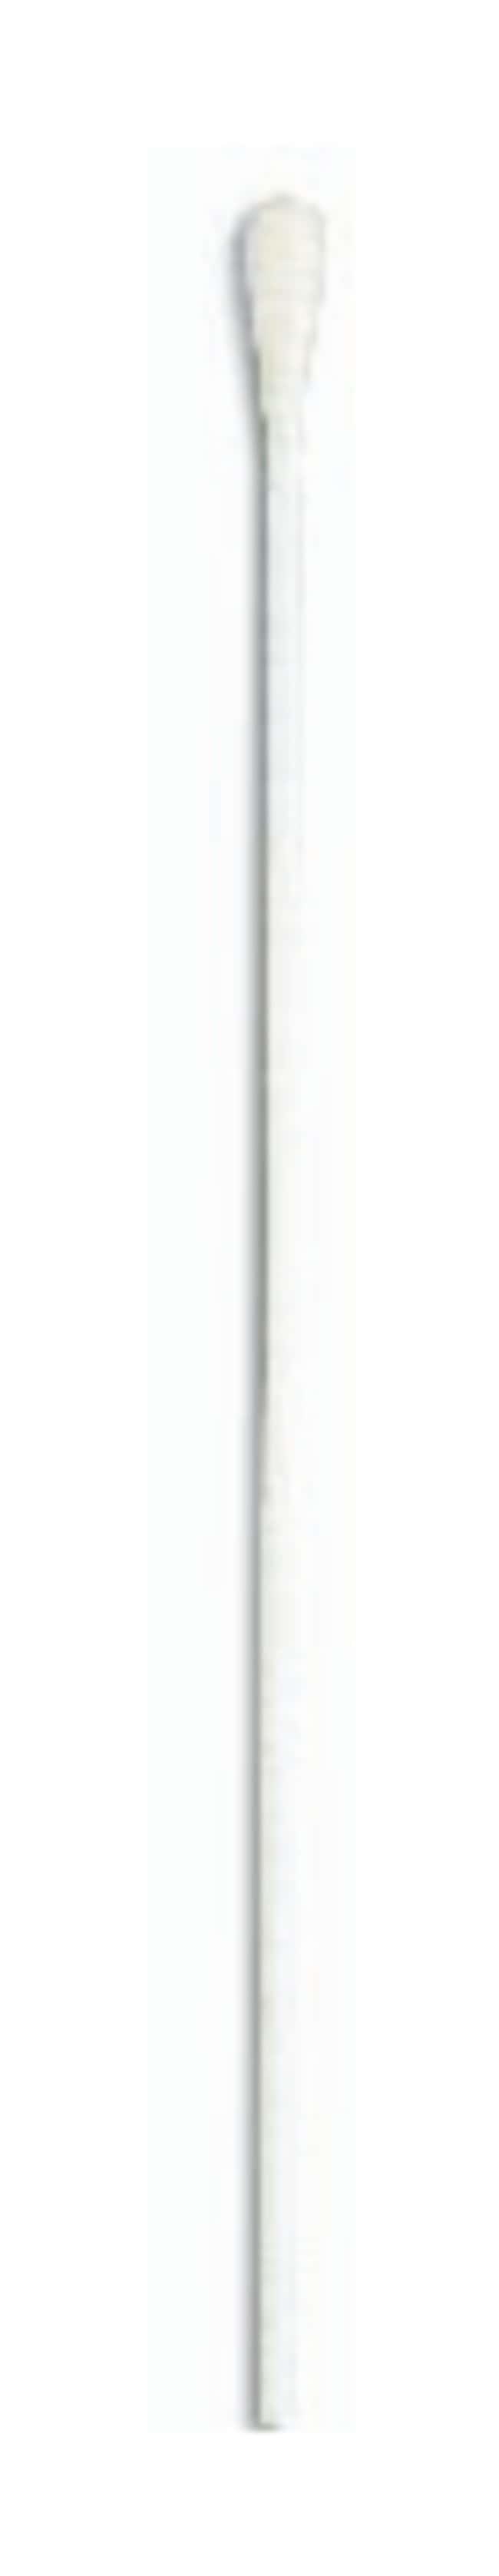 PuritanCalcium Alginate Swabs Plastic shaft, Type 3; Shaft dimensions: